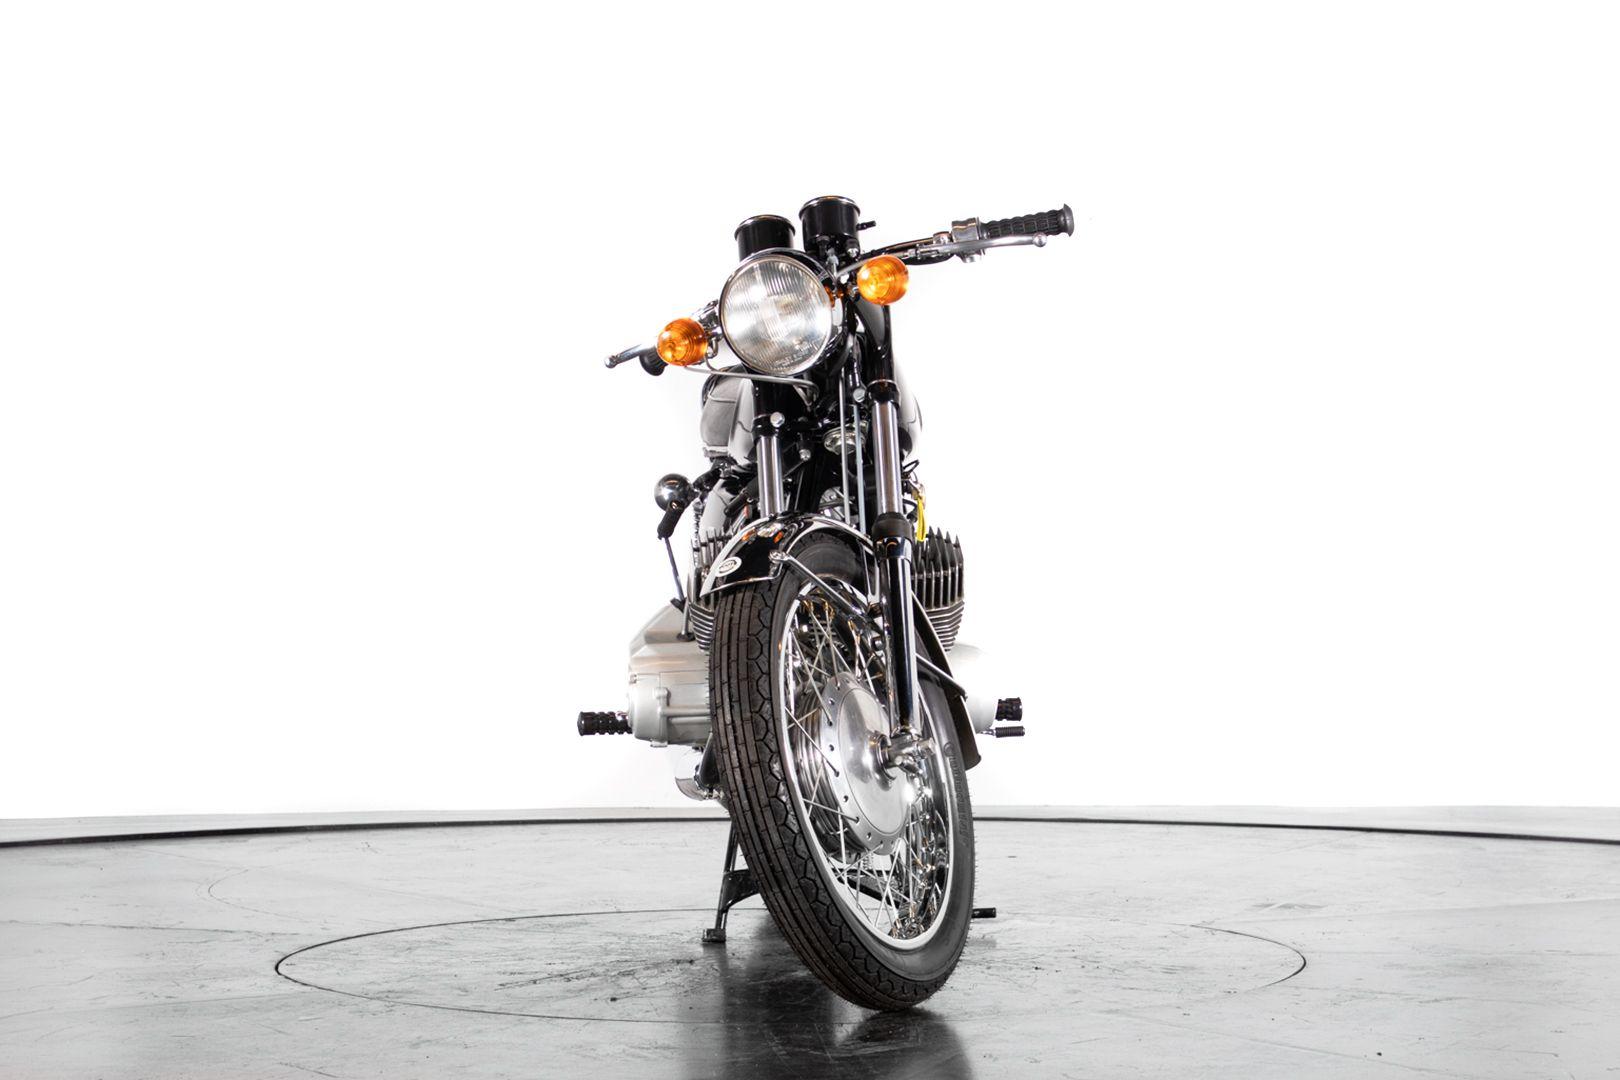 1970 Kawasaki 500 H1 44375